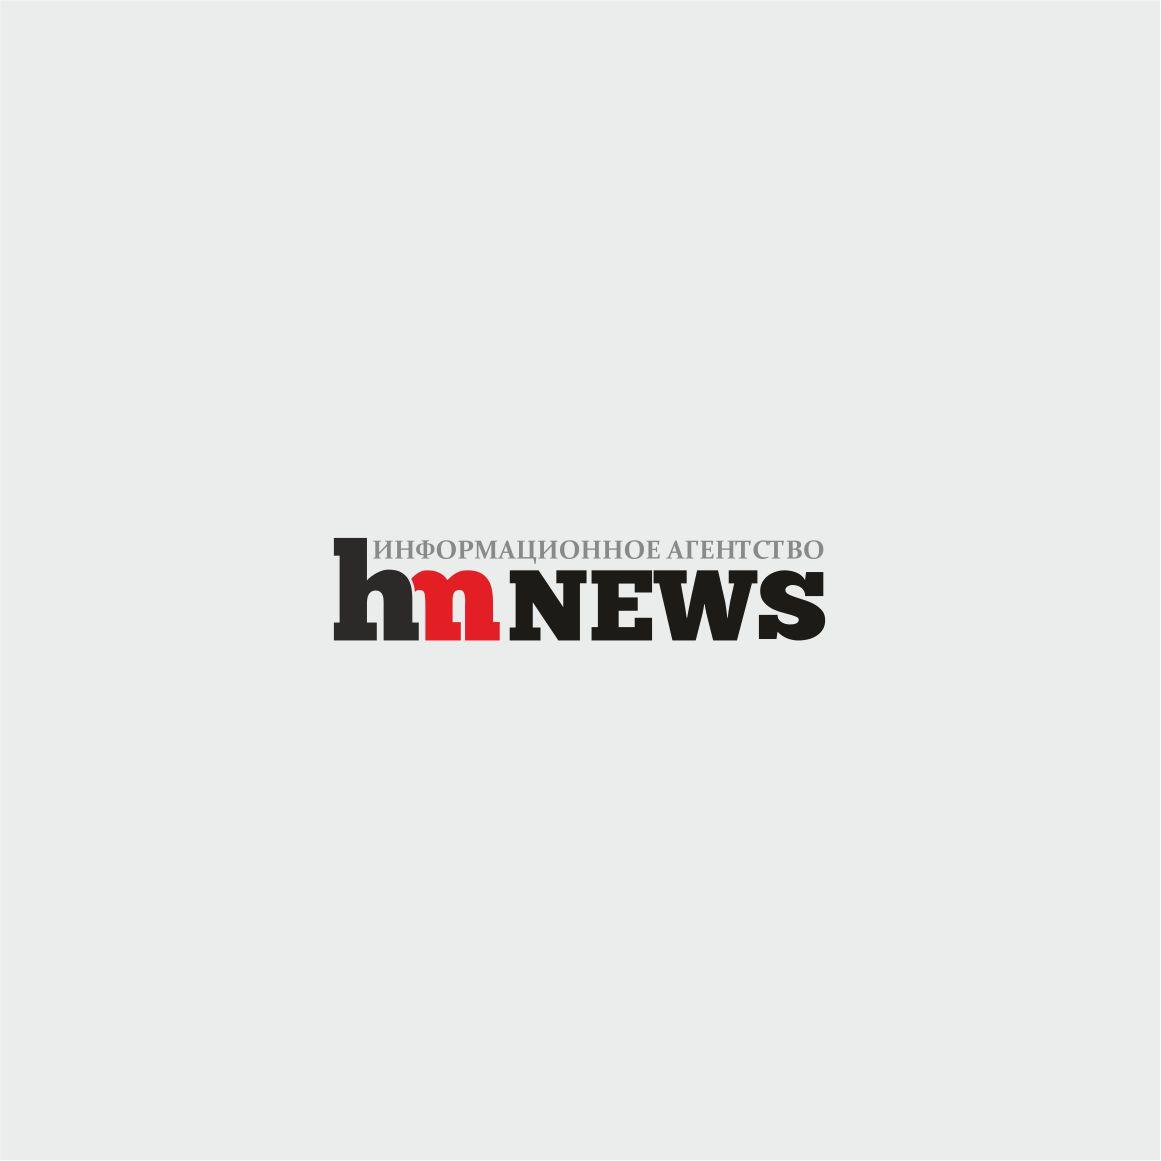 Логотип для информационного агентства фото f_8975aa2973579aba.jpg